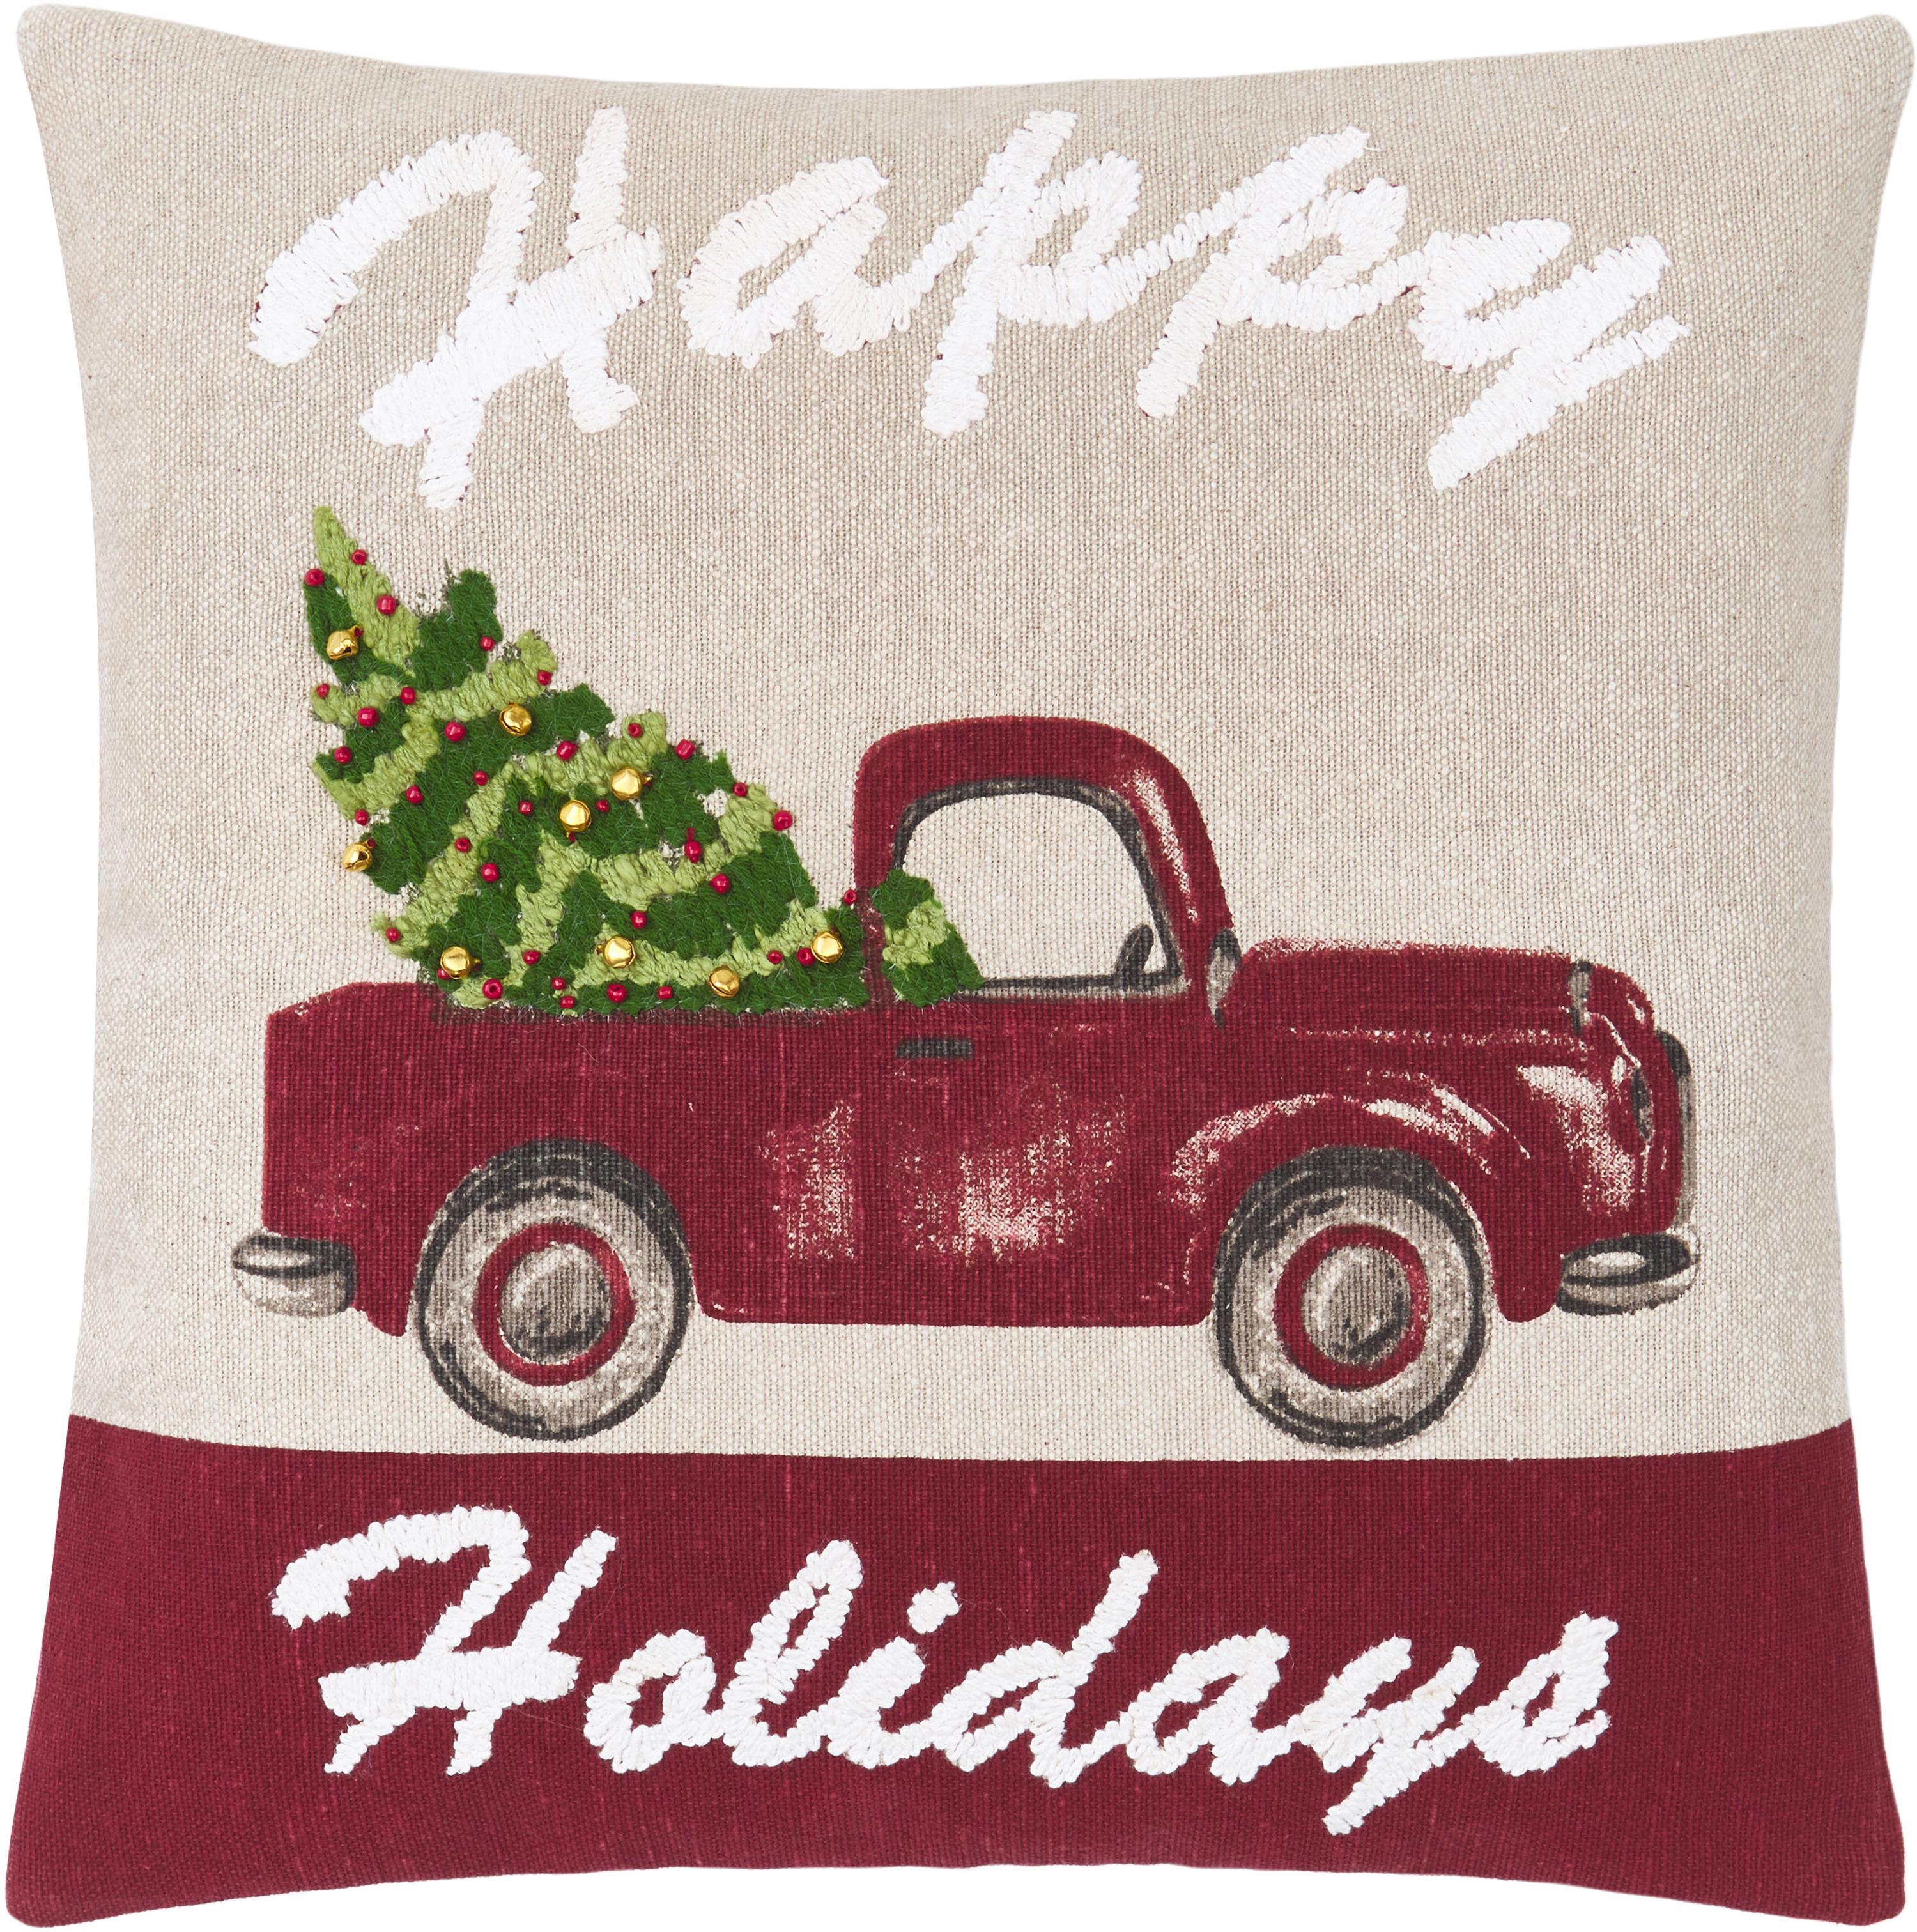 Federa arredo ricamata Happy Holidays, 100% cotone, Beige, rosso, verde, Larg. 45 x Lung. 45 cm